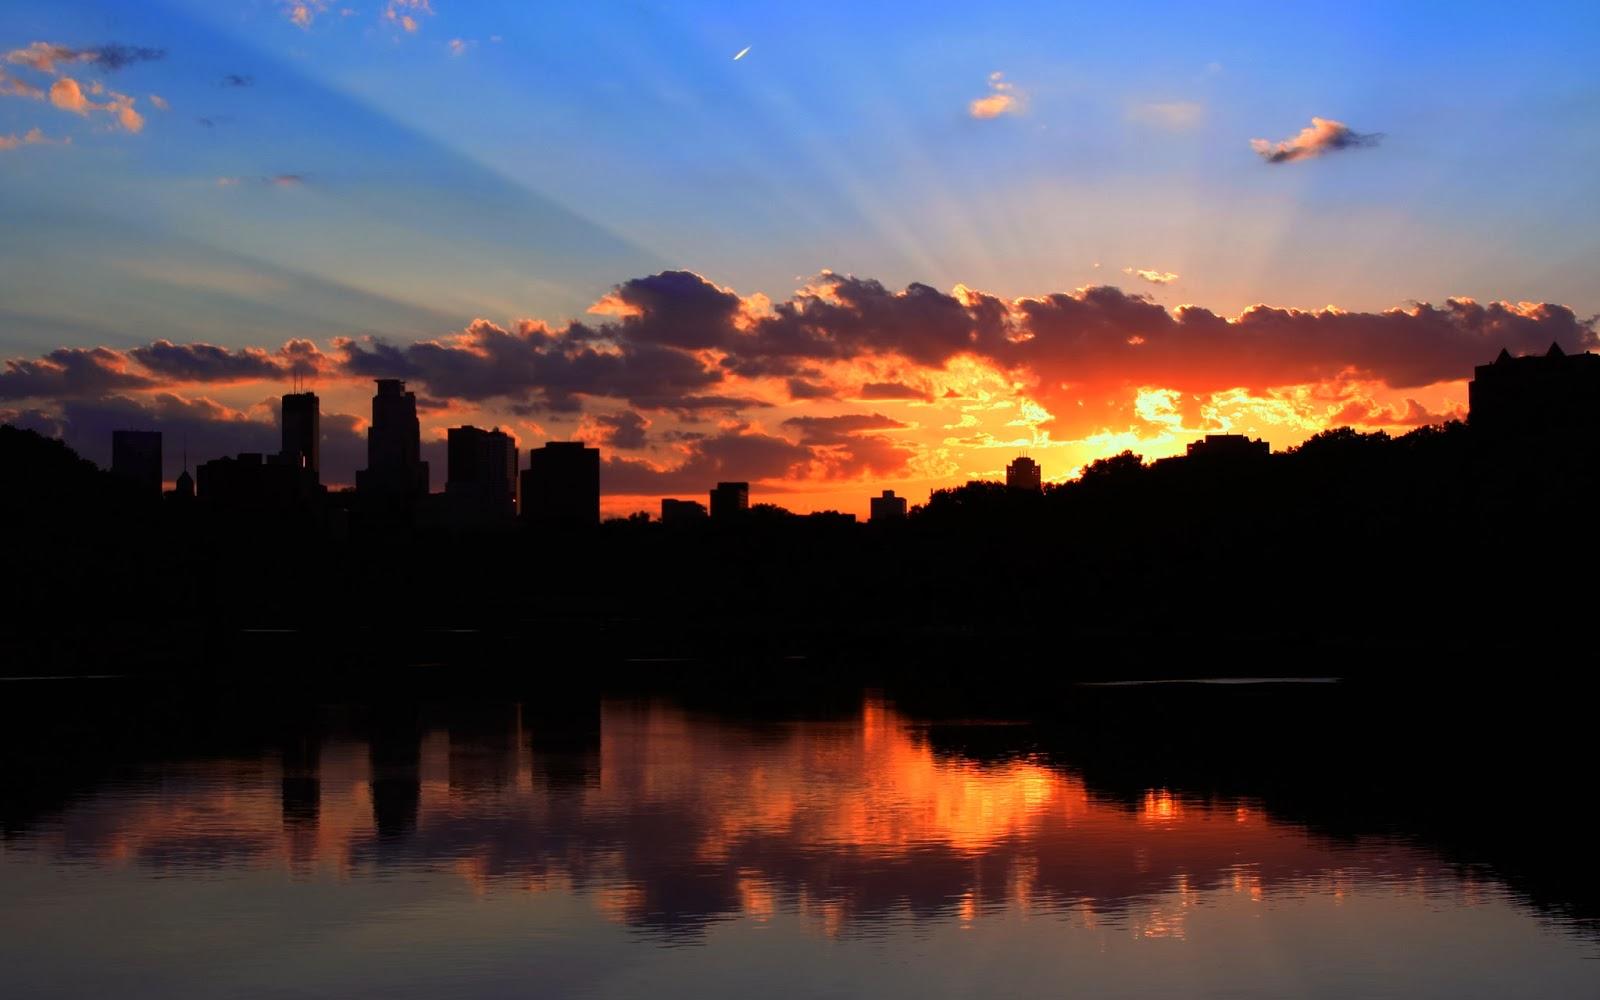 """<img src=""""http://2.bp.blogspot.com/-VktYrhnXOaE/Ut7Wpc4oR3I/AAAAAAAAJsg/GJWcpzZwdIo/s1600/minneapolis-sunset.jpg"""" alt=""""minneapolis sunset"""" />"""